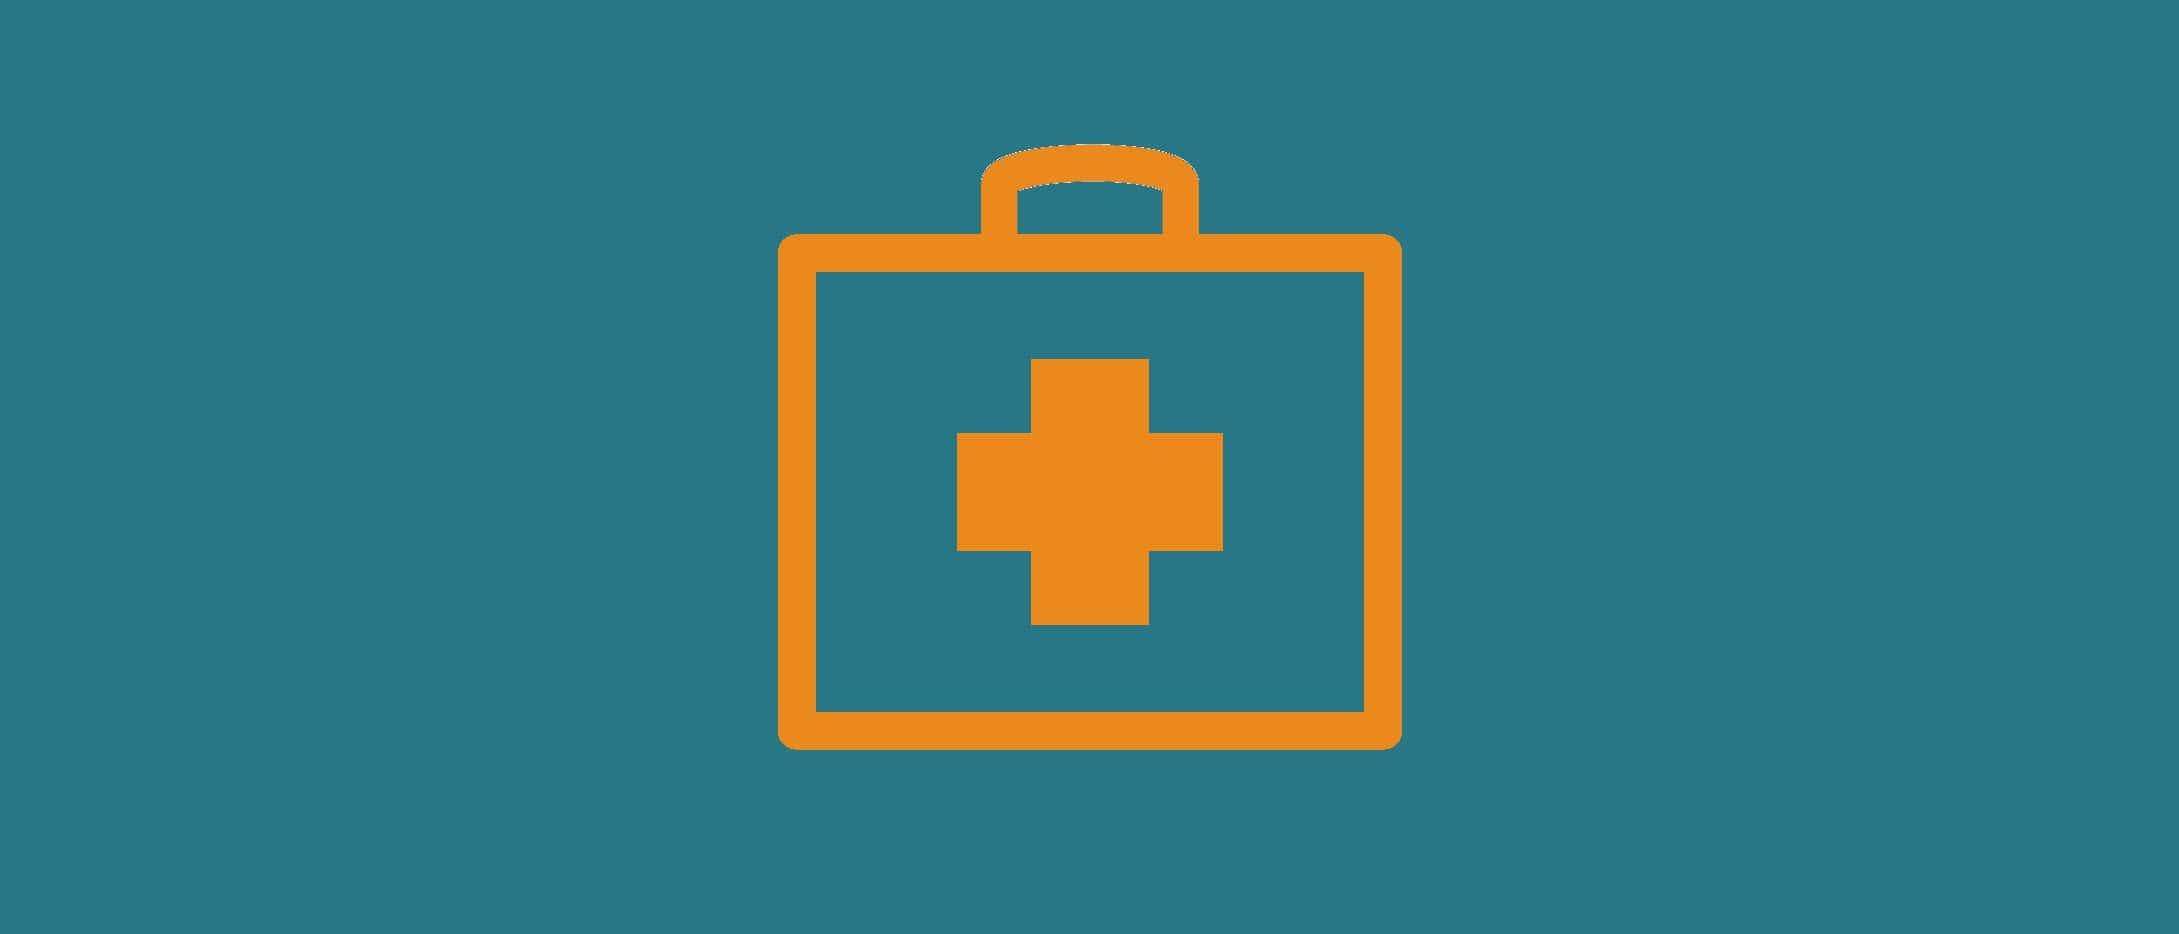 behandelingen bestaan er - psoriasis artritis